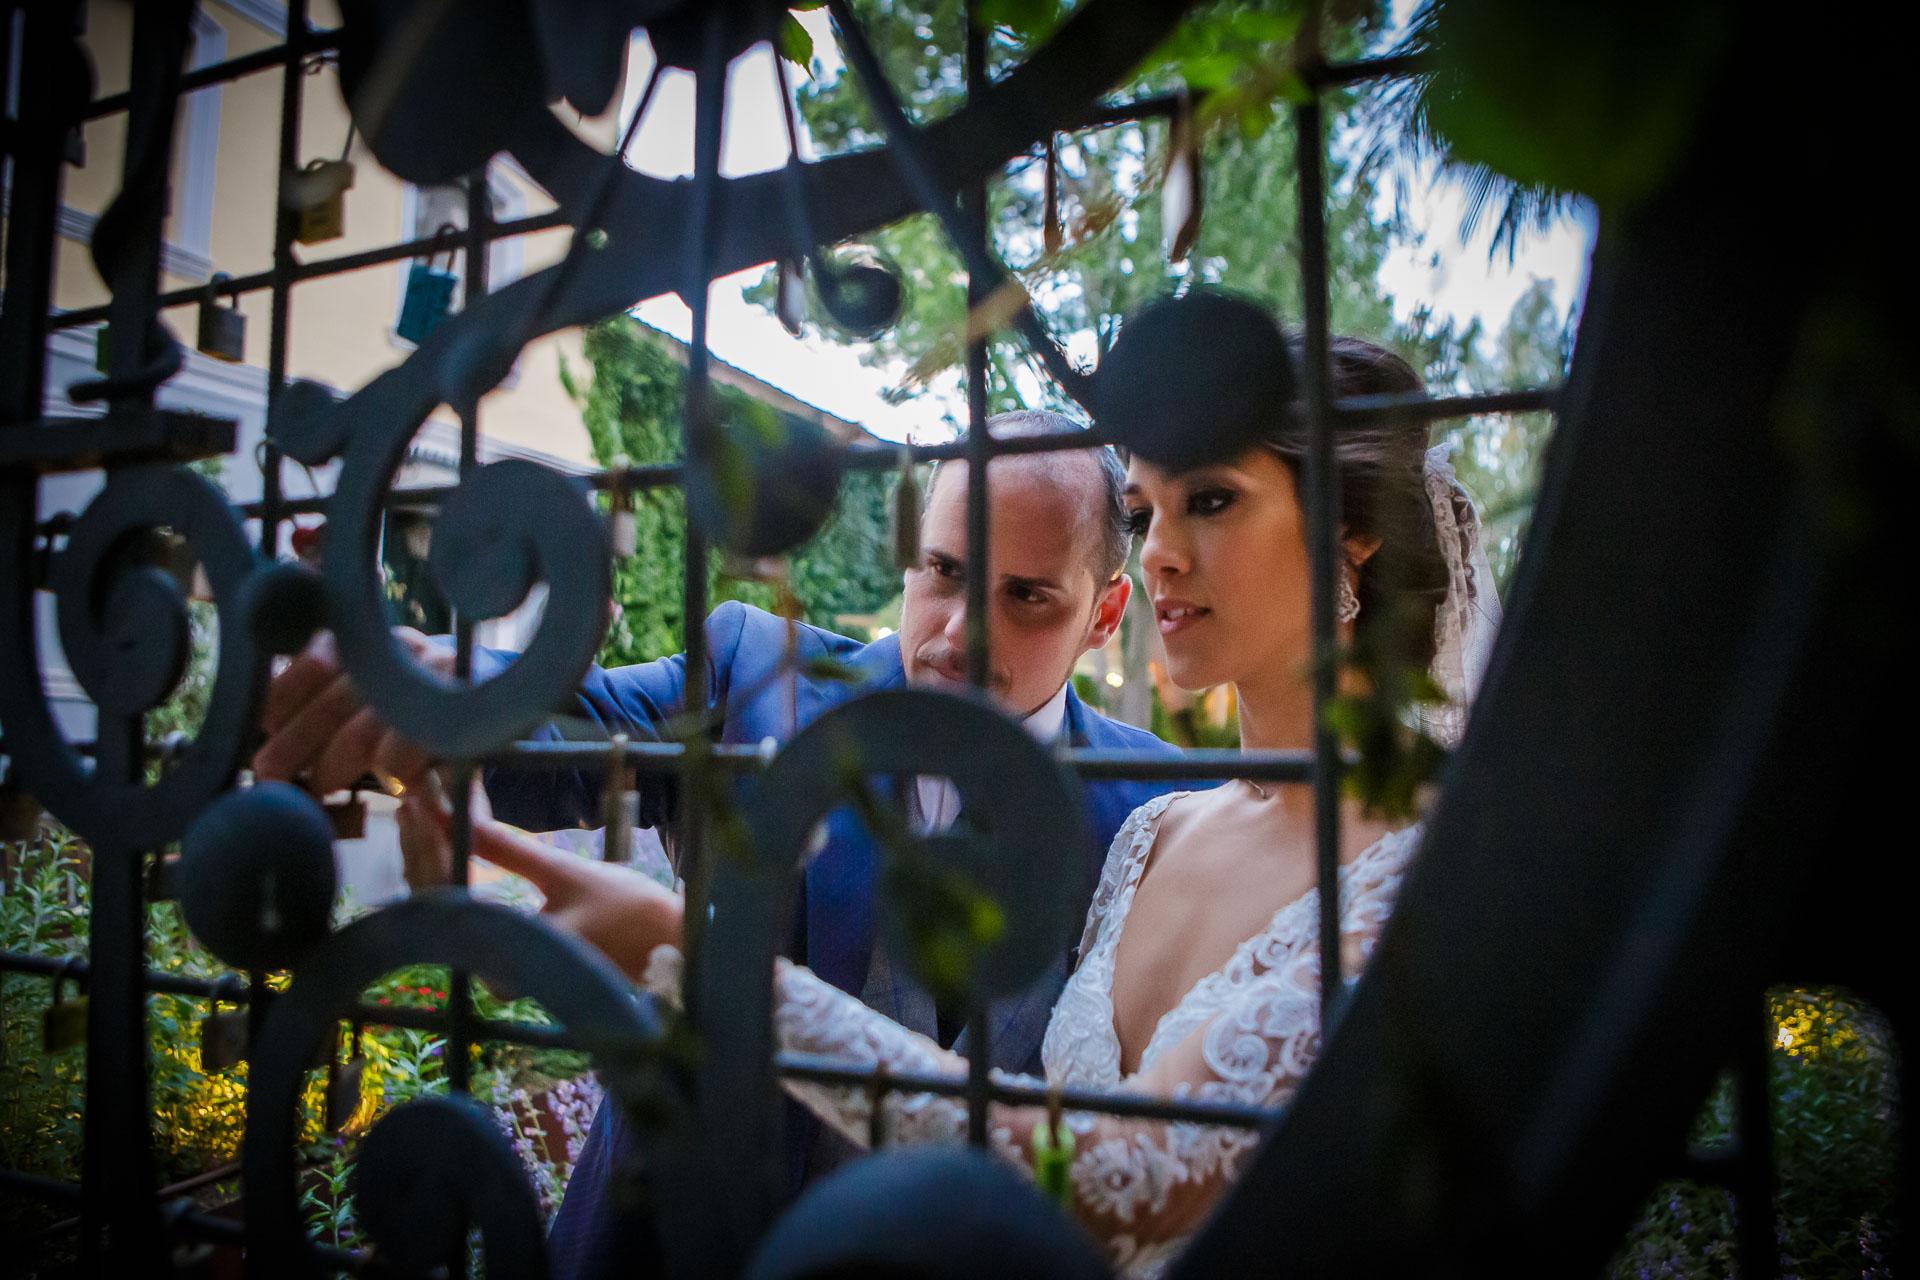 Reportaje de Boda en Soto de Bruil Zaragoza Sheila e Iván. Christian Roselló Fotógrafo de Bodas con sede en Valencia.